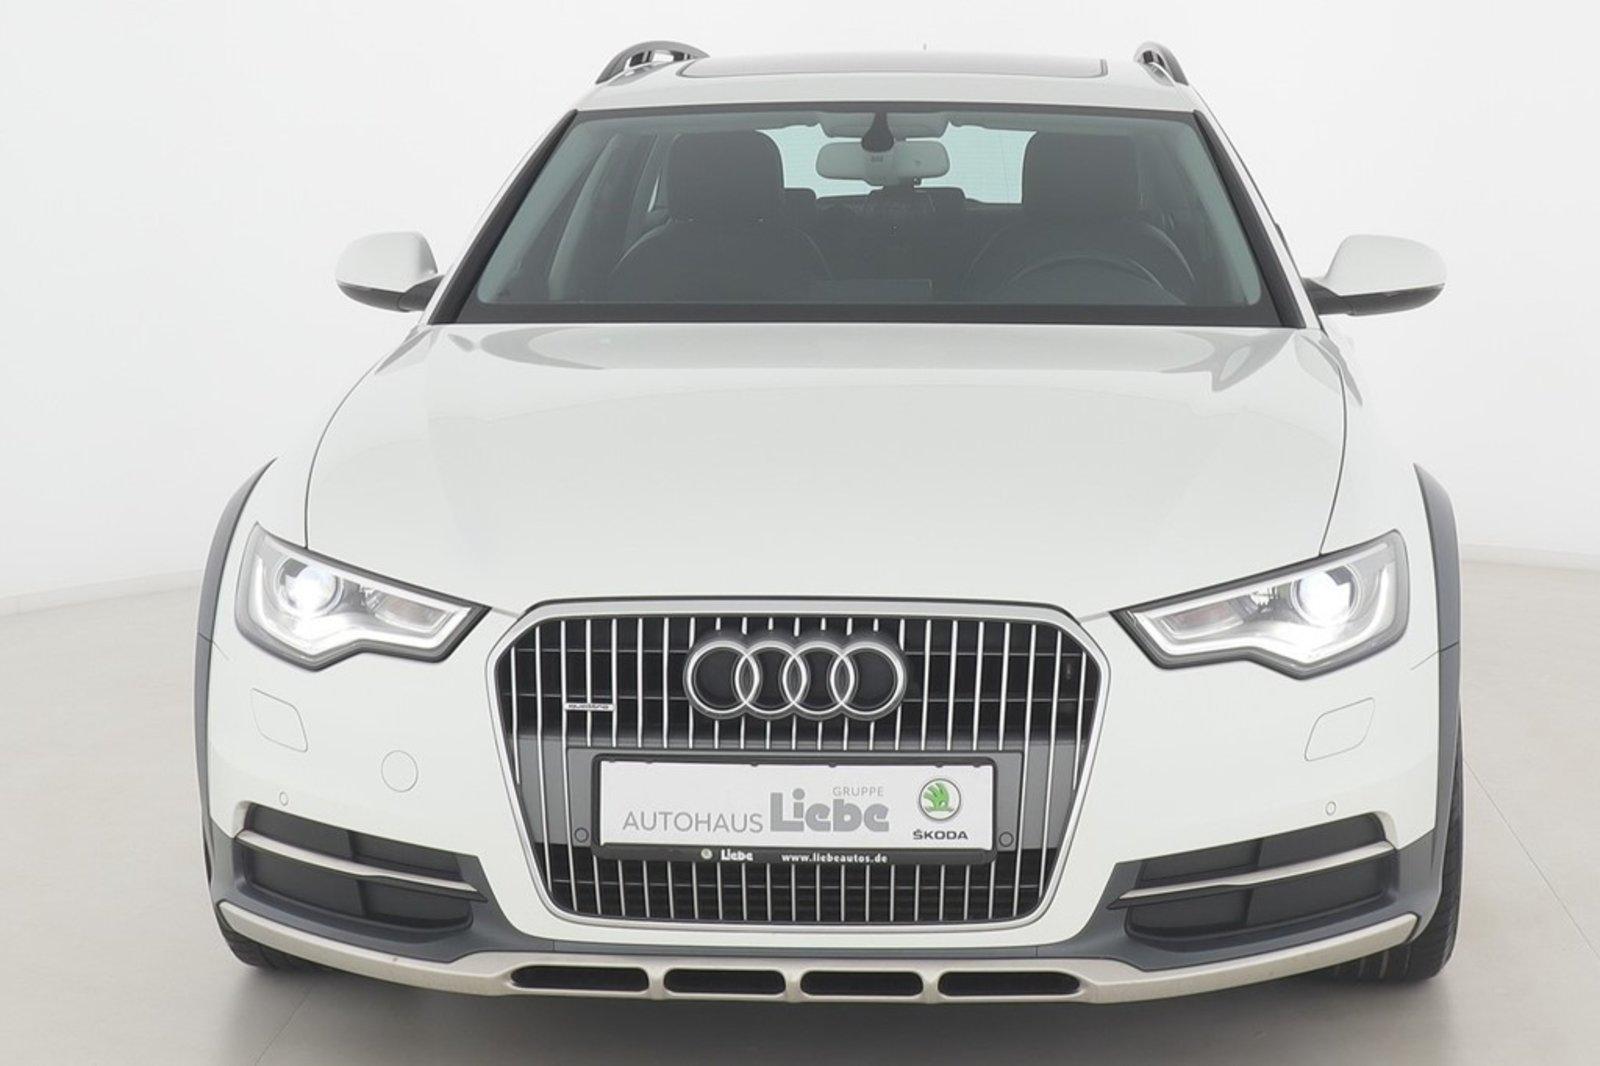 Audi A6 ALLROAD QUATTRO 3.0 TDI BI-XENON|NAVI|KAMERA, Jahr 2014, diesel